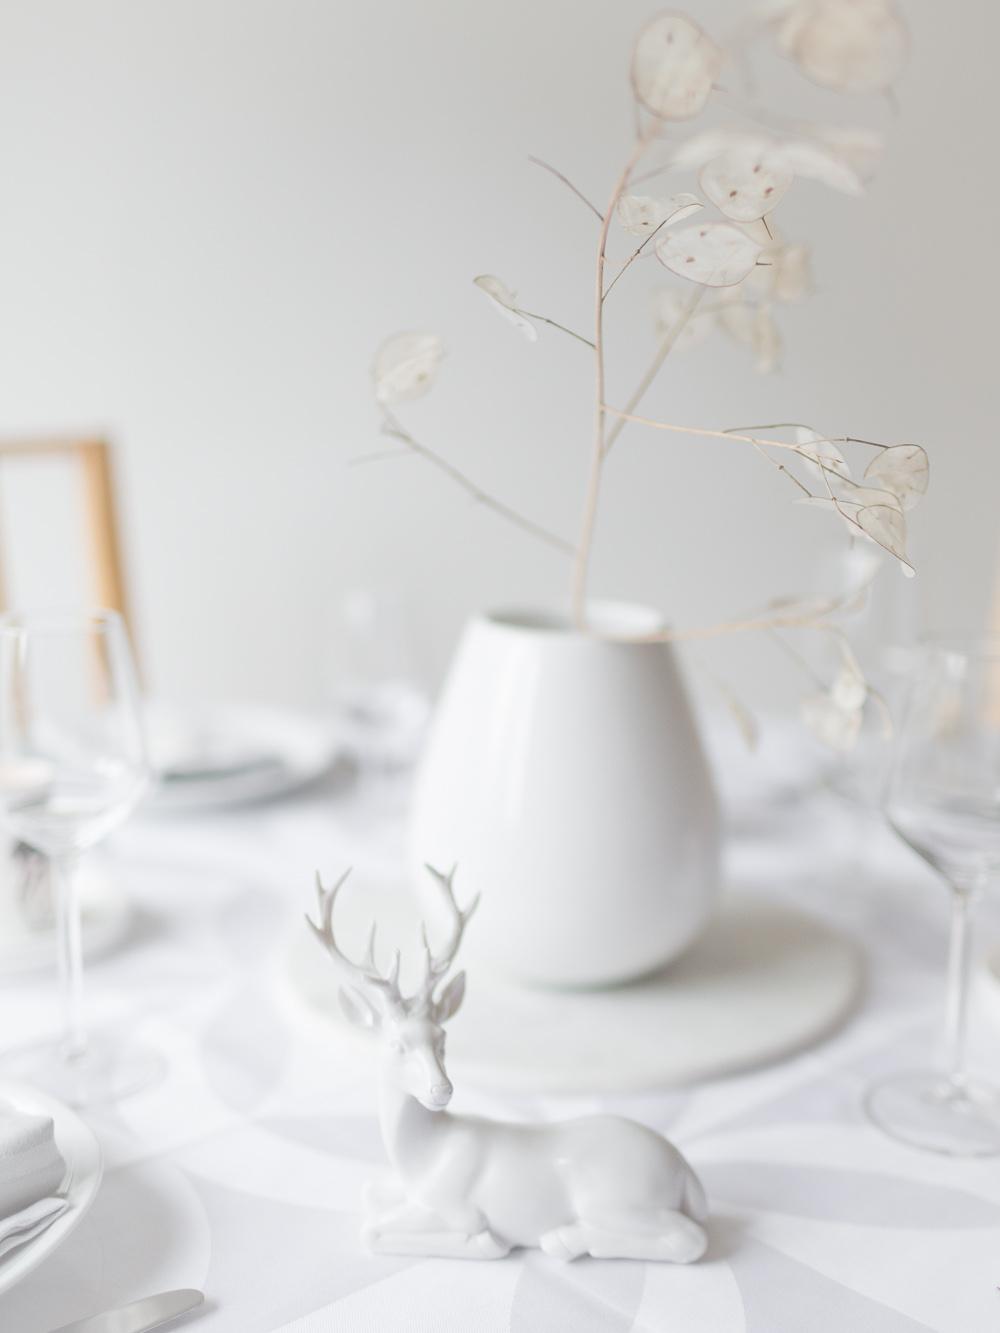 Blanccoco_Photographe_Jacquard_Francais_Styliste_Culinaire-5b